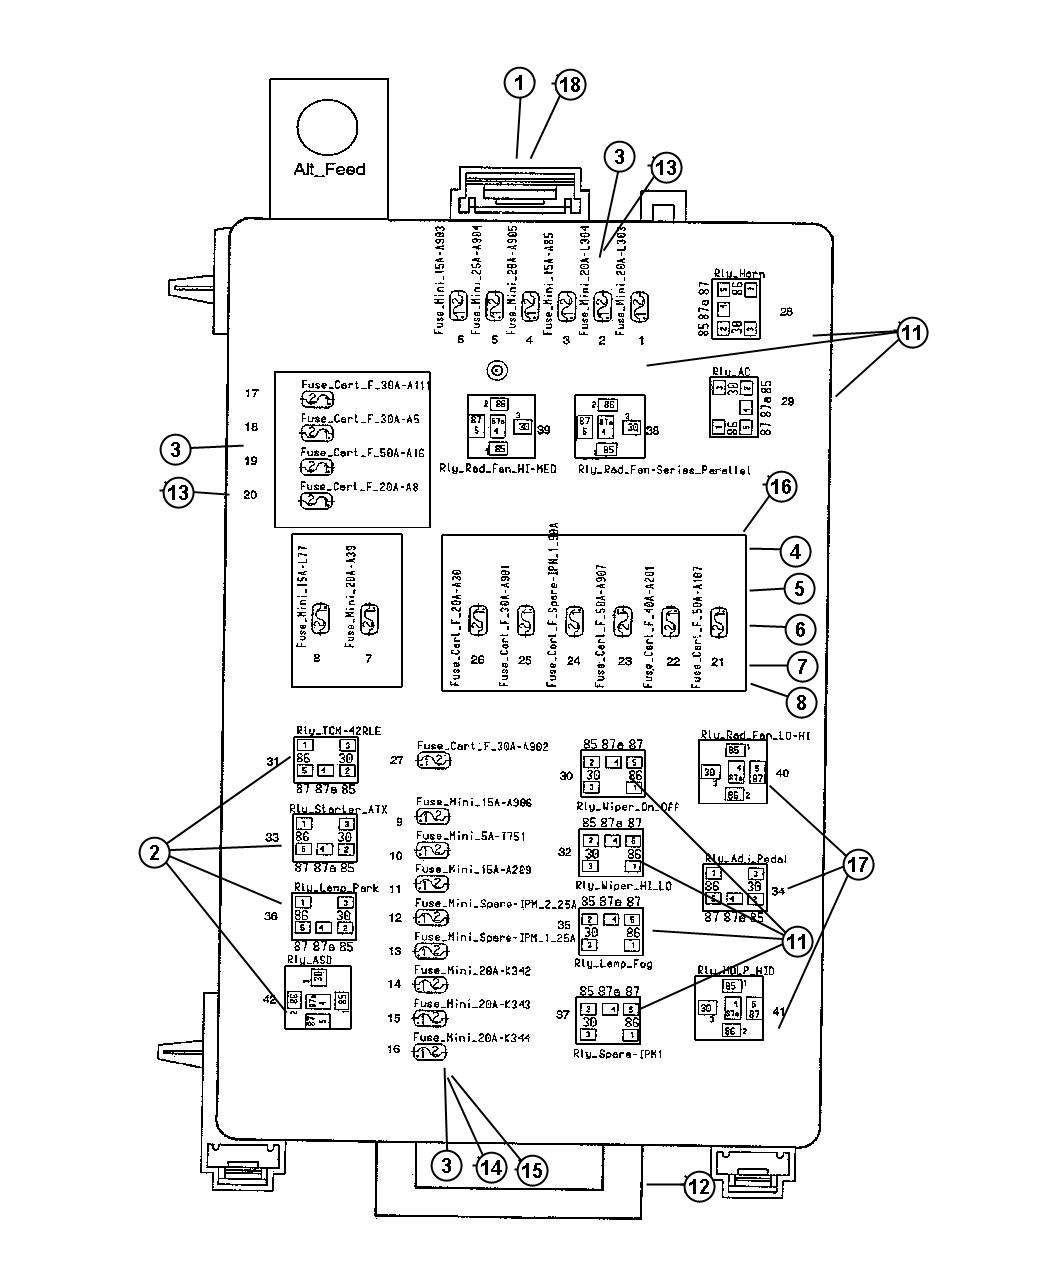 2005 dodge magnum fuel pump wiring diagram